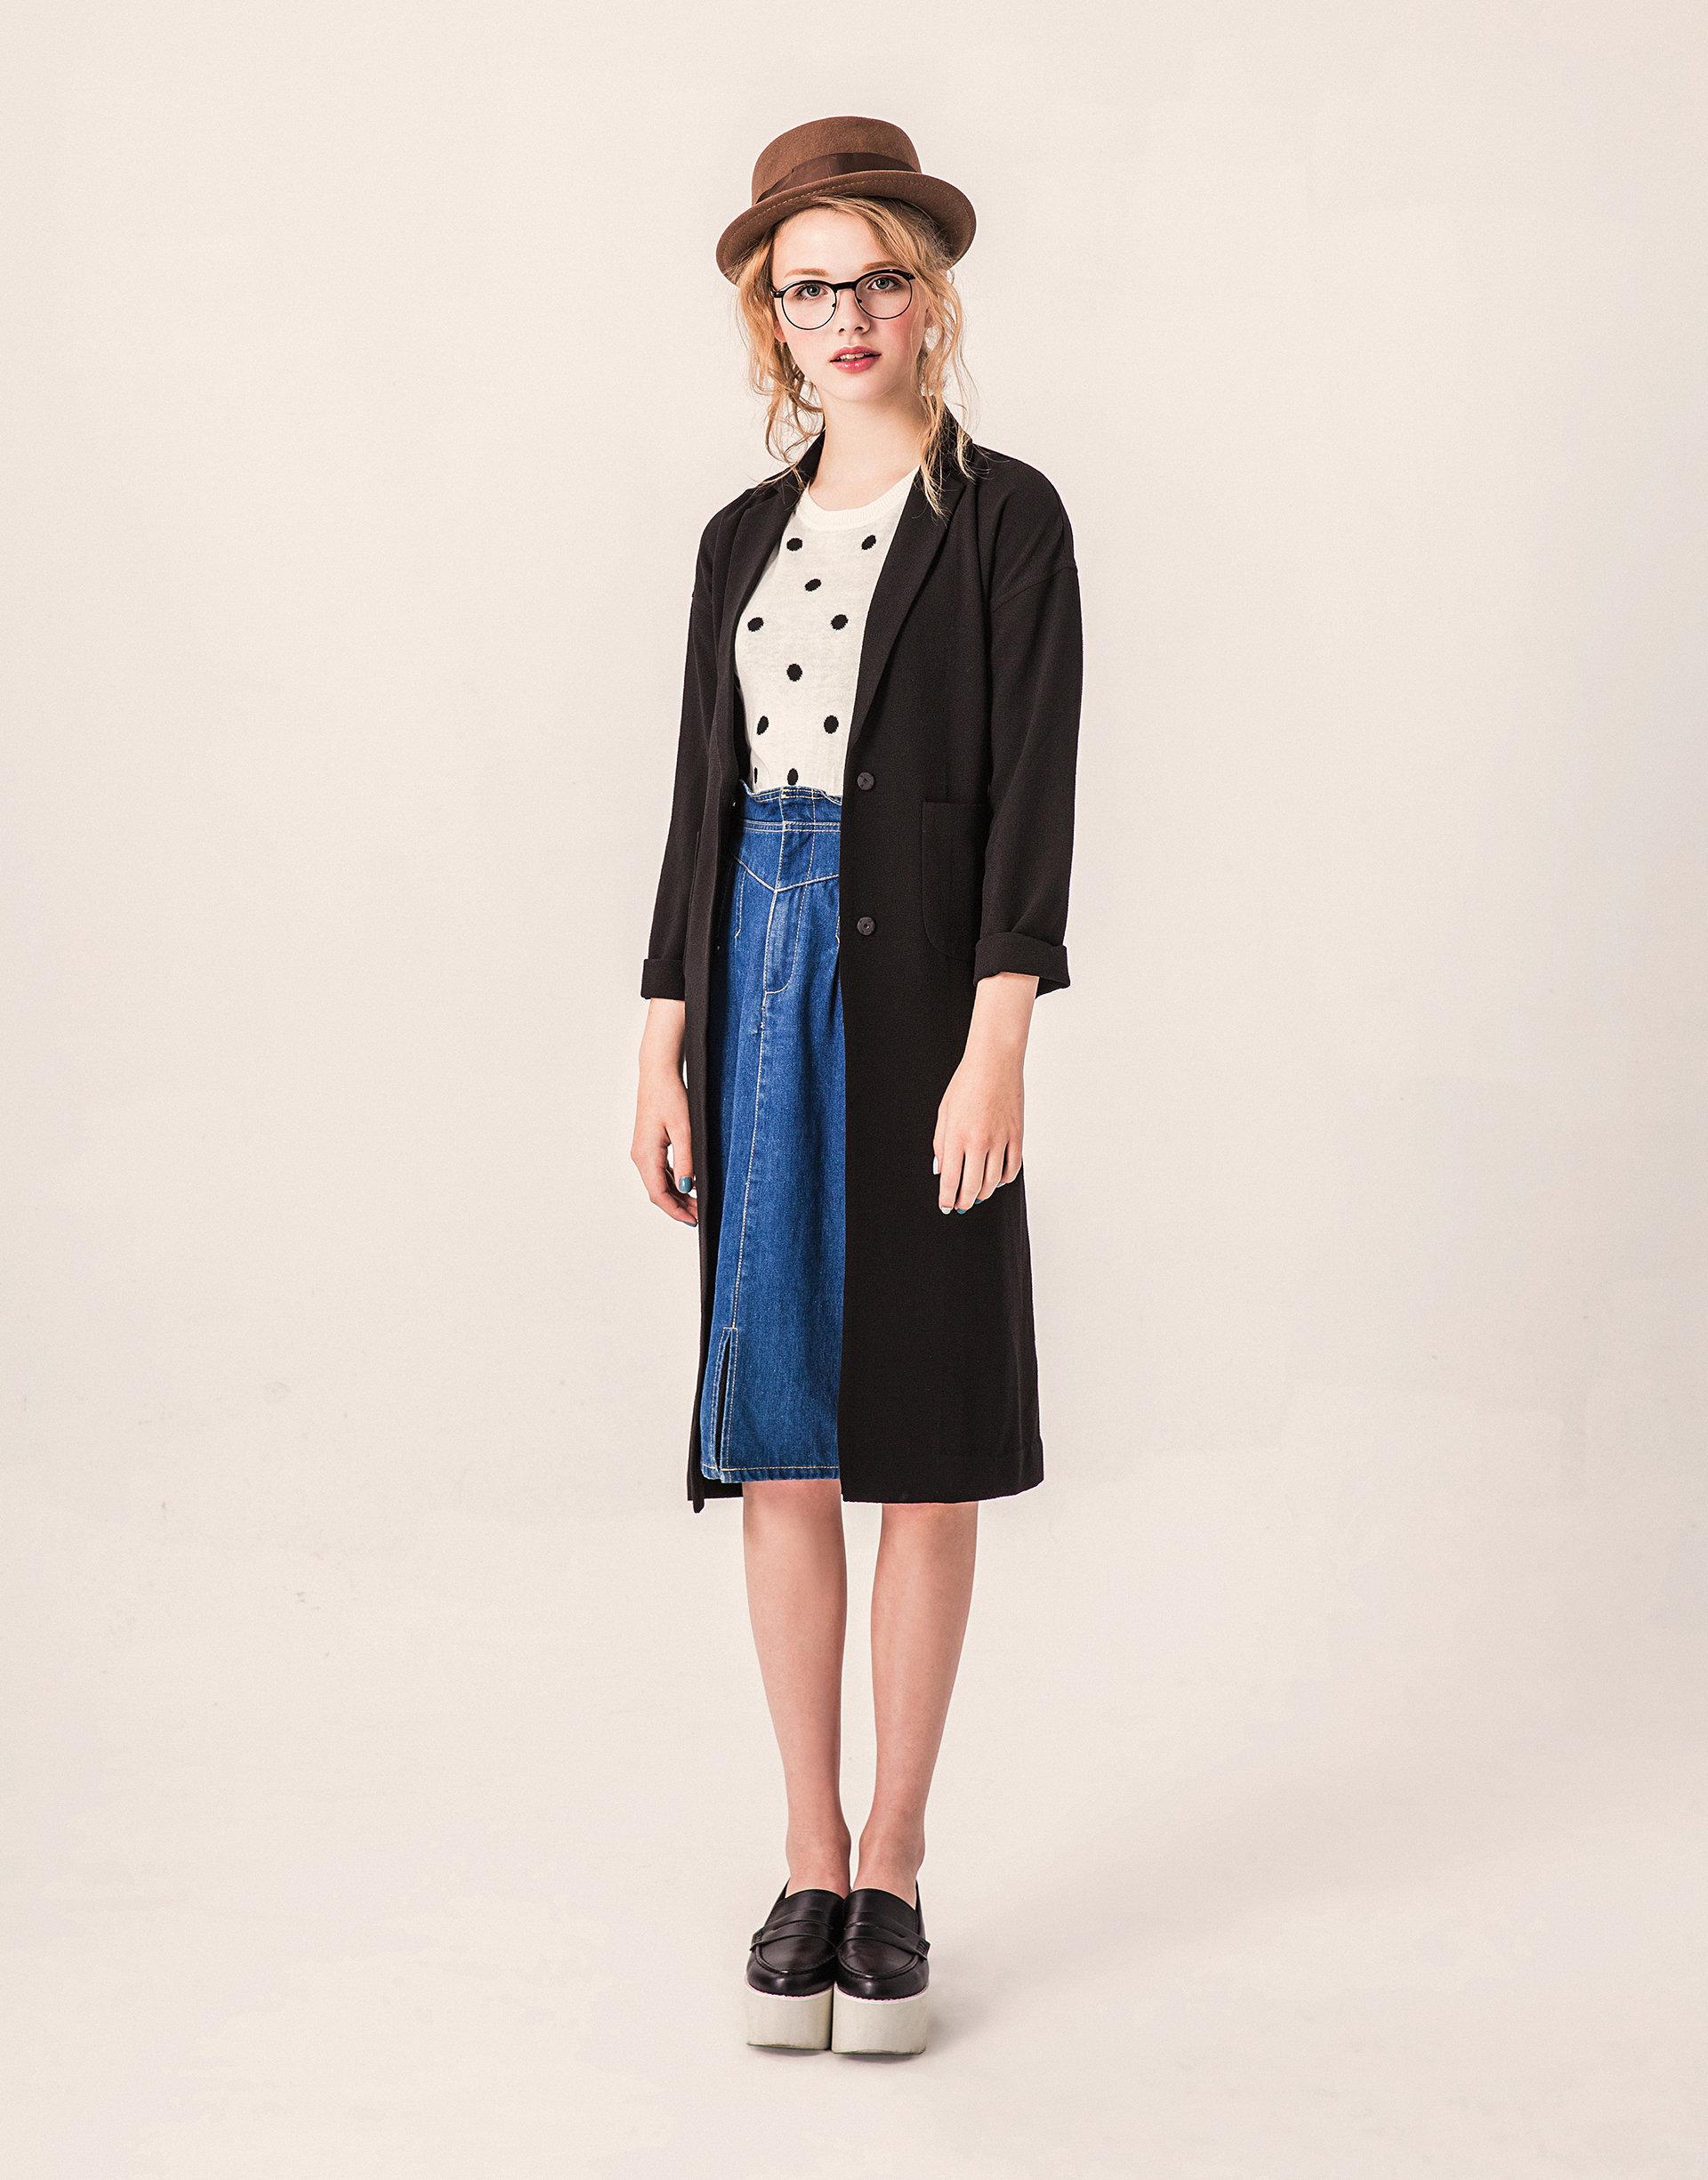 波點女孩五分袖縮腰針織上衣,內裡雙層點點,縮腰的設計讓女孩腰間纖細!